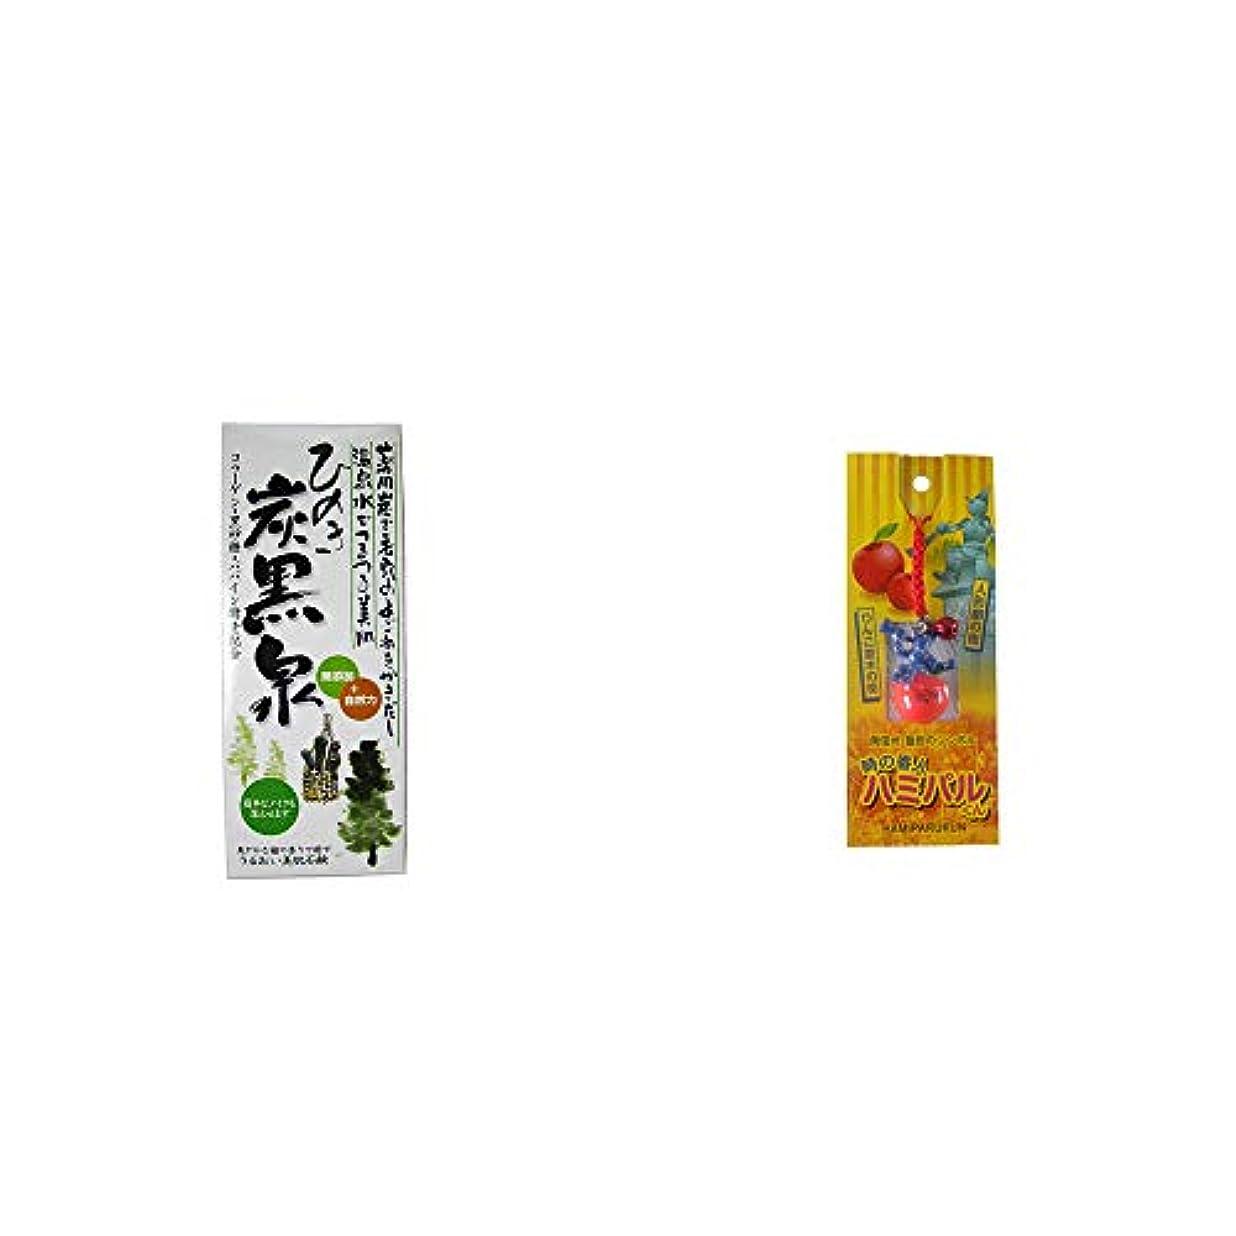 ローン論理的シンジケート[2点セット] ひのき炭黒泉 箱入り(75g×3)?信州?飯田のシンボル 時の番人ハミパルくんストラップ